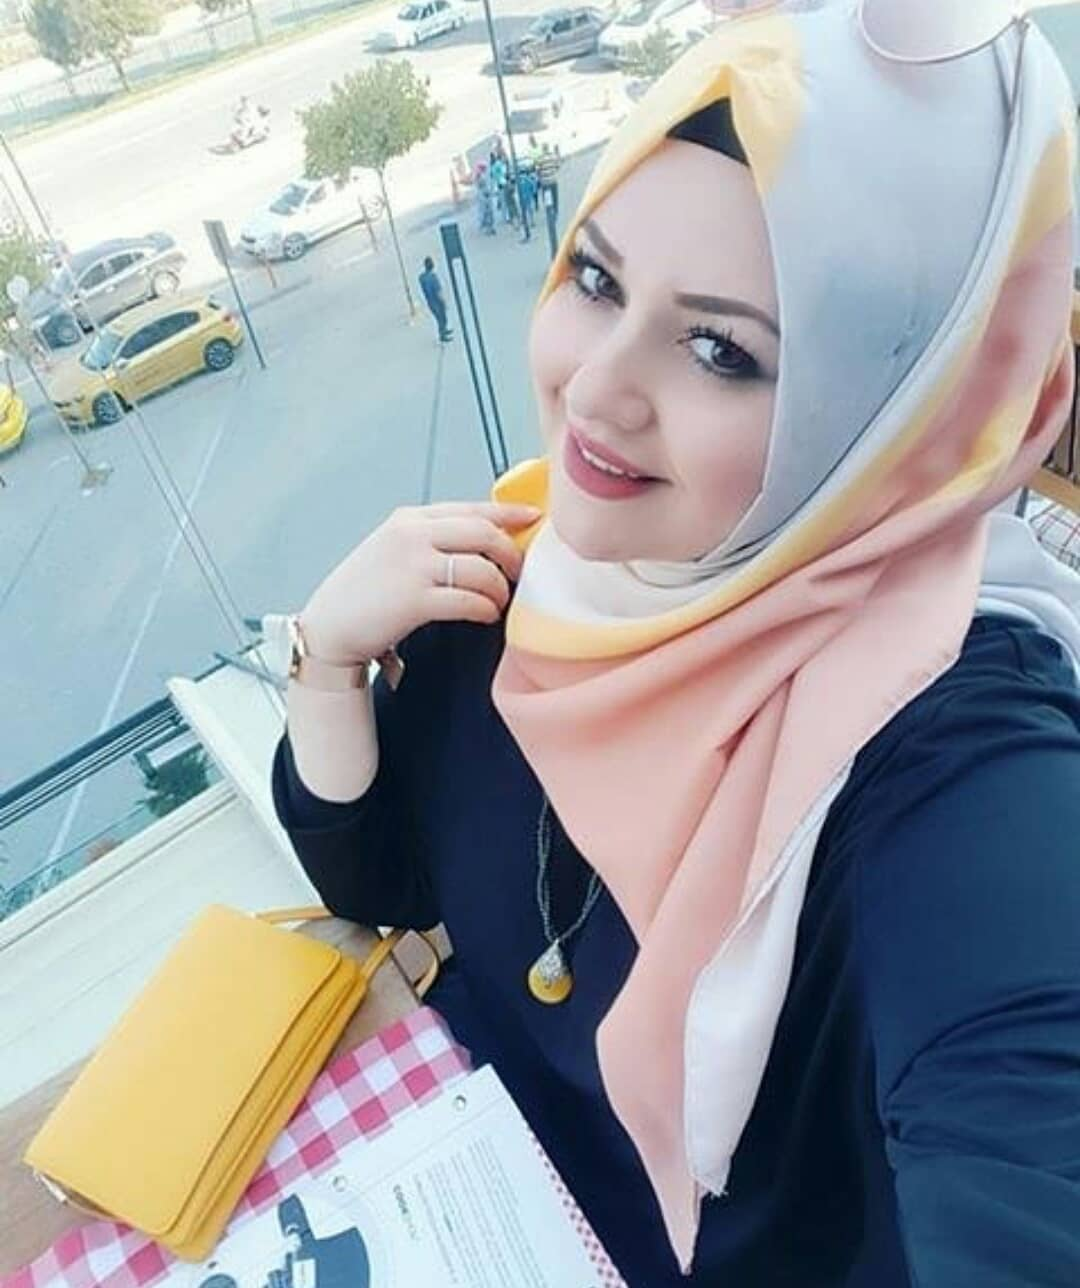 صورة اجمل بنات محجبات فى العالم , عاوز صور بنات حلوة محجبة لا يفوتك